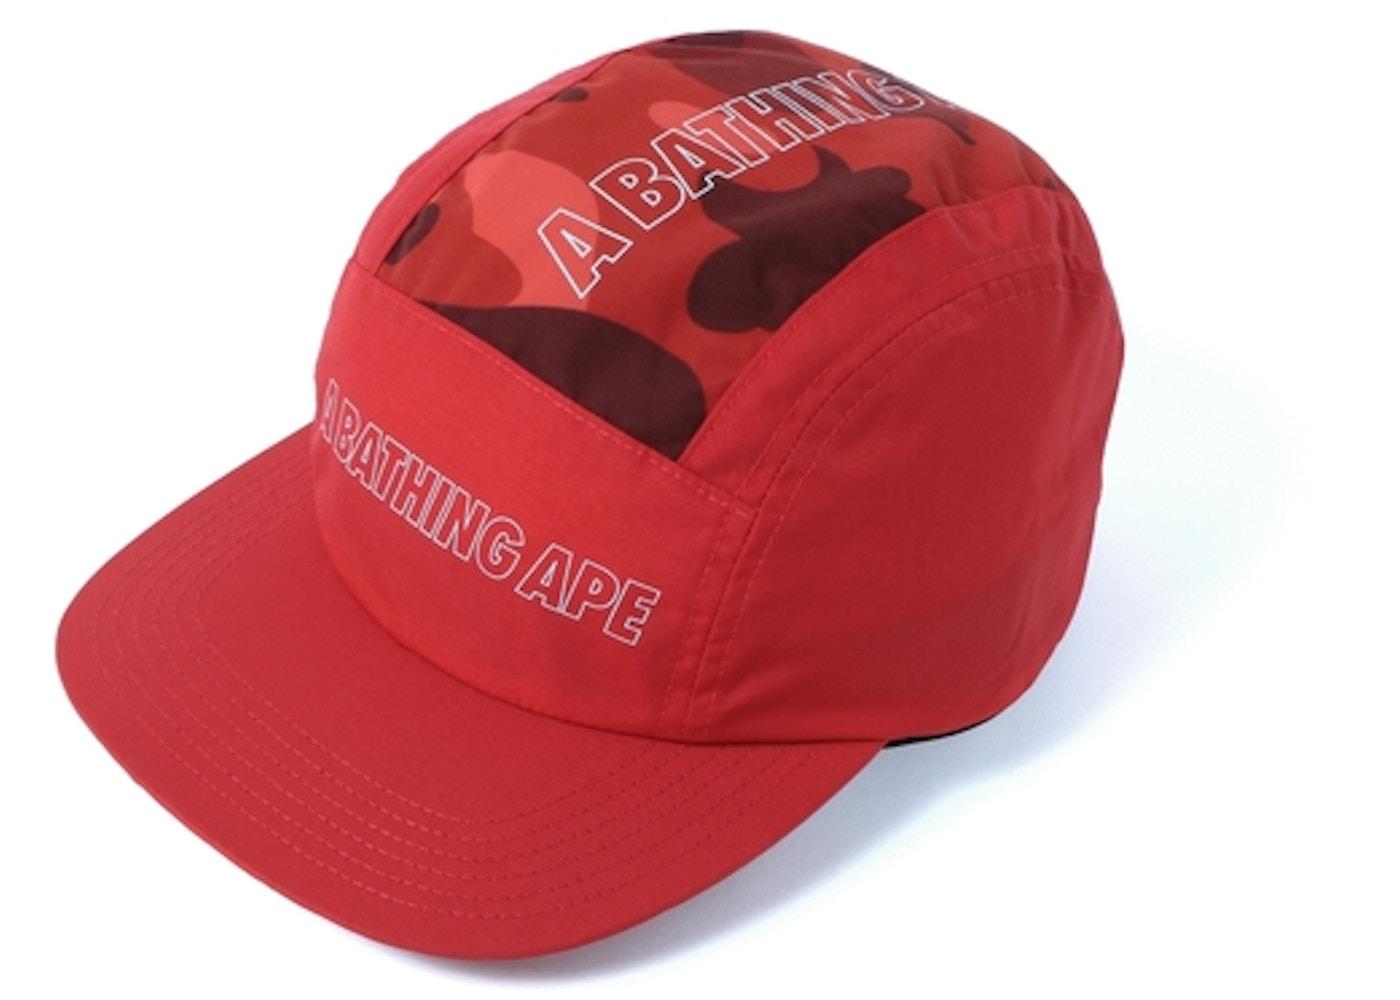 66270238 Streetwear - Bape Headwear - Release Date